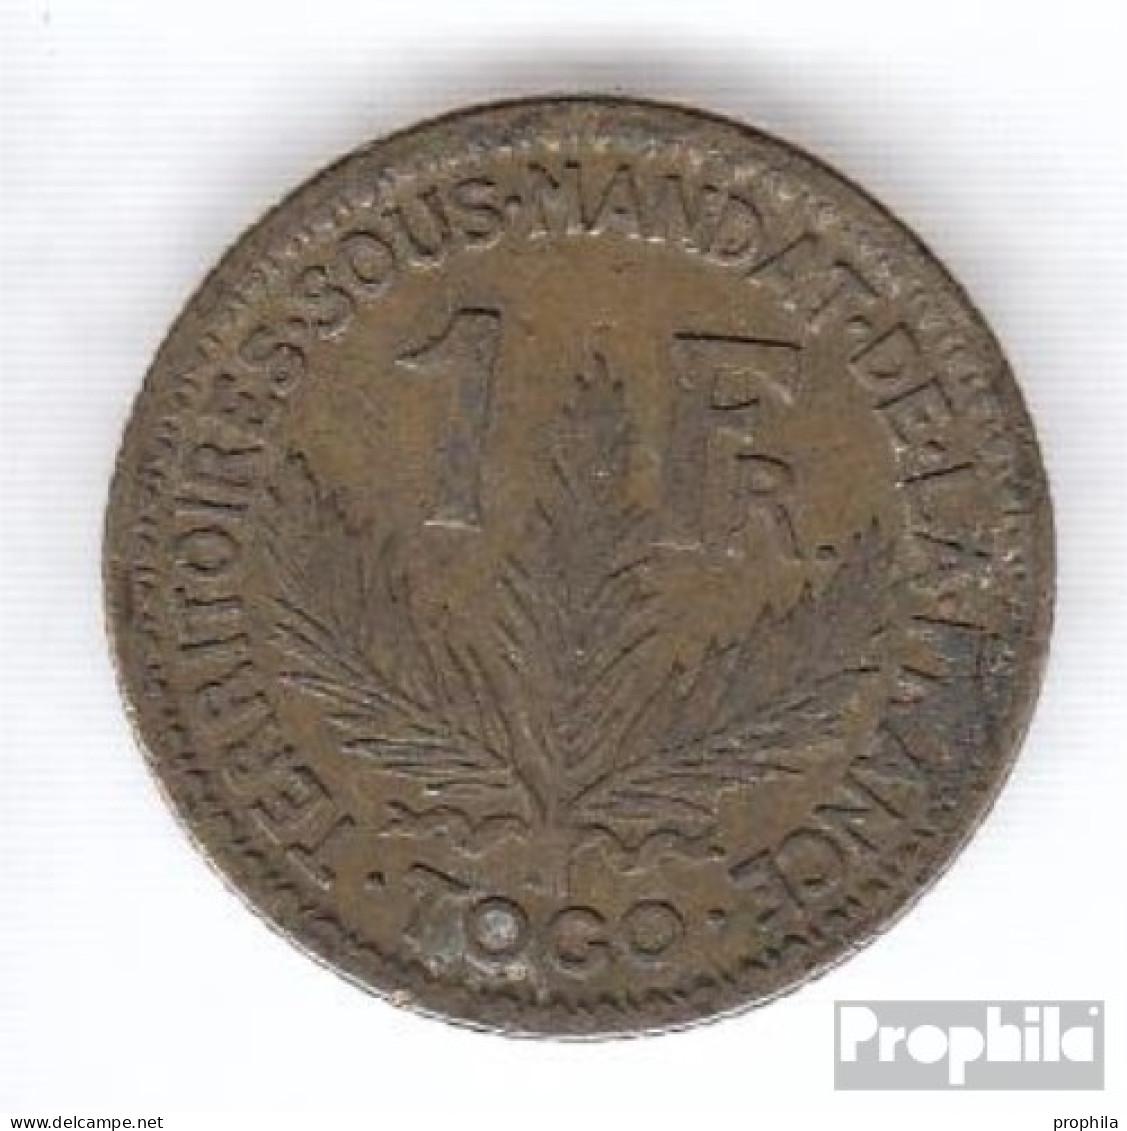 Togo 2 1925 Sehr Schön Aluminium-Bronze Sehr Schön 1925 1 Franc Laureate - Togo